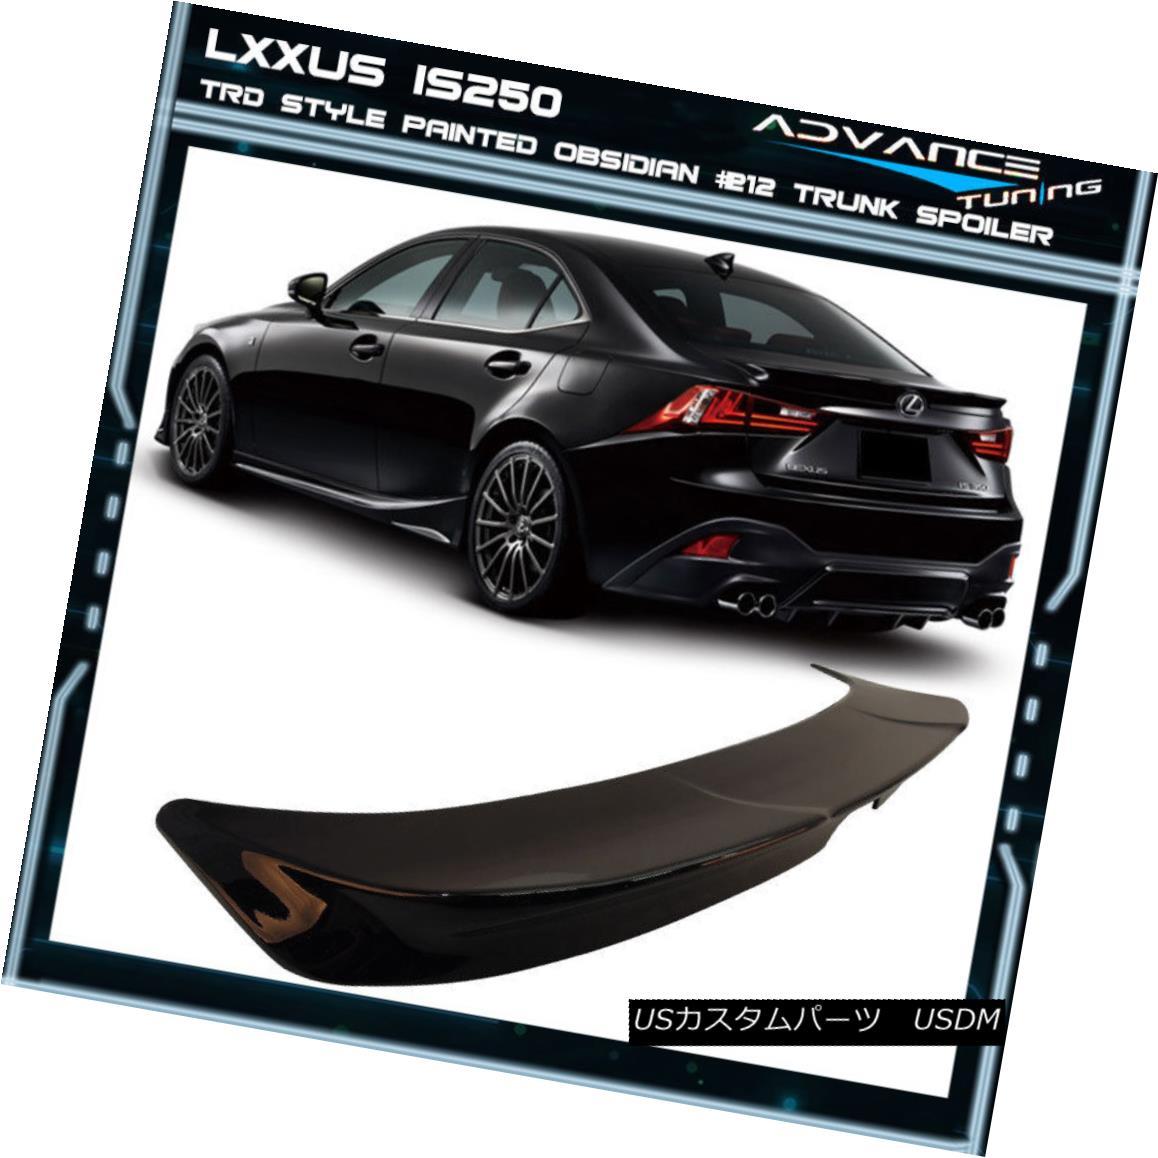 エアロパーツ Fits 14-16 IS250 Painted Color Obsidian Black #212 TRD Style Trunk Spoiler (ABS) フィット14-16 IS250塗装色オブシディアンブラック#212 TRDスタイルトランクスポイラー(ABS)